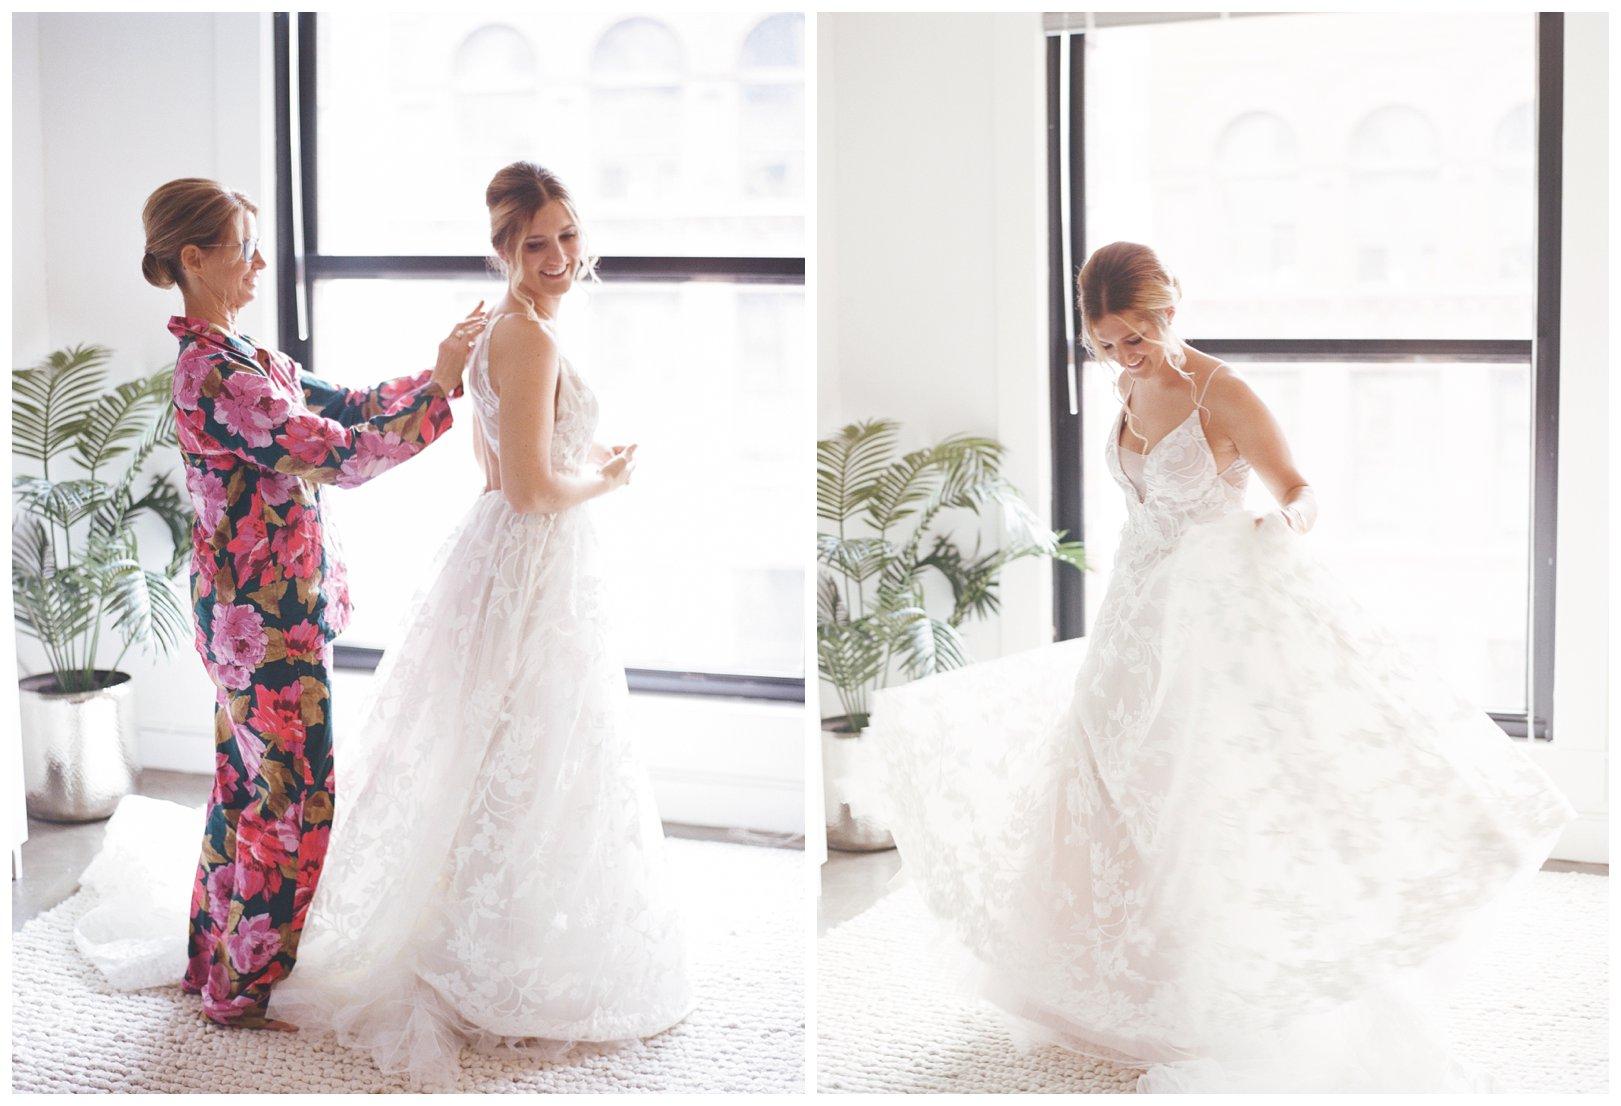 lauren muckler photography_fine art film wedding photography_st louis_photography_3185.jpg